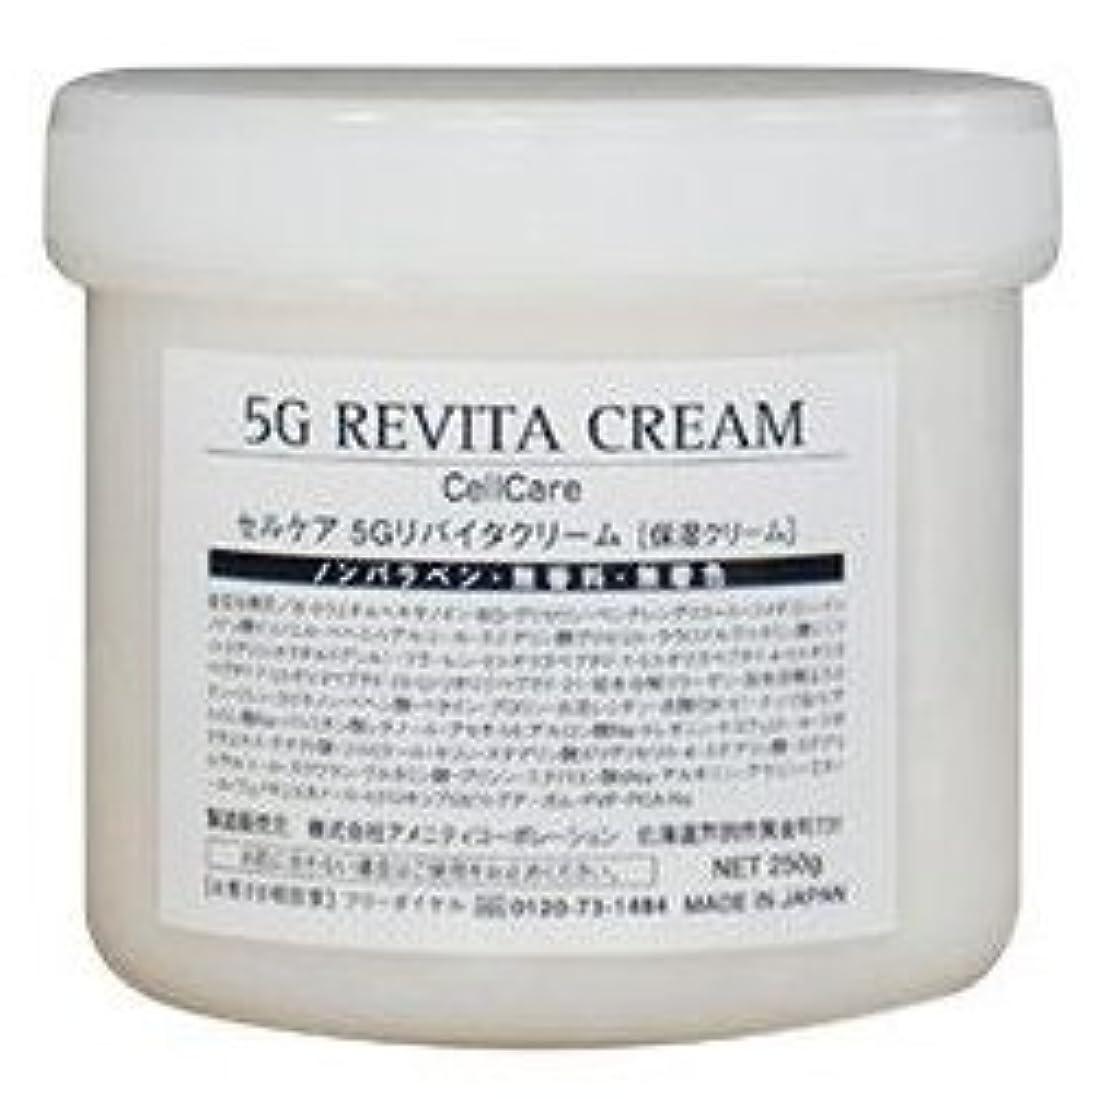 かき混ぜる便宜損失セルケアGF プレミアム 5Gリバイタルクリーム 保湿クリーム お徳用250g